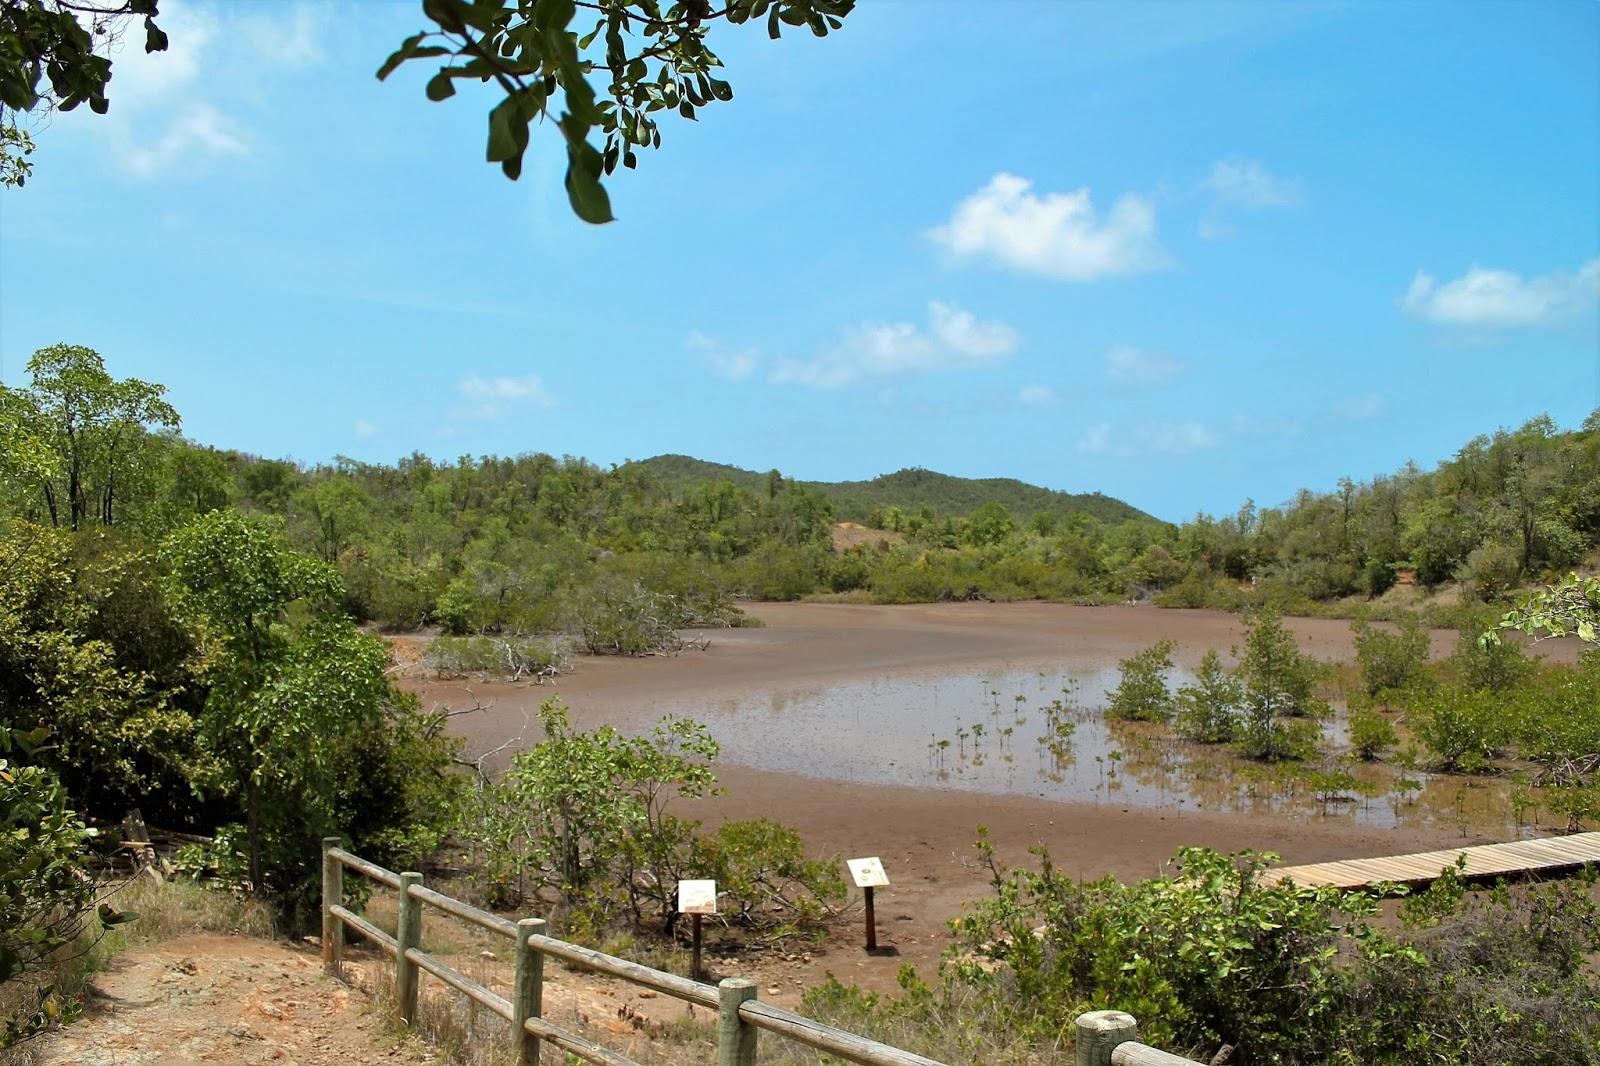 martinique île presqu'île caravelle chateau dubuc soleil vacances 972 mangrove randonnée